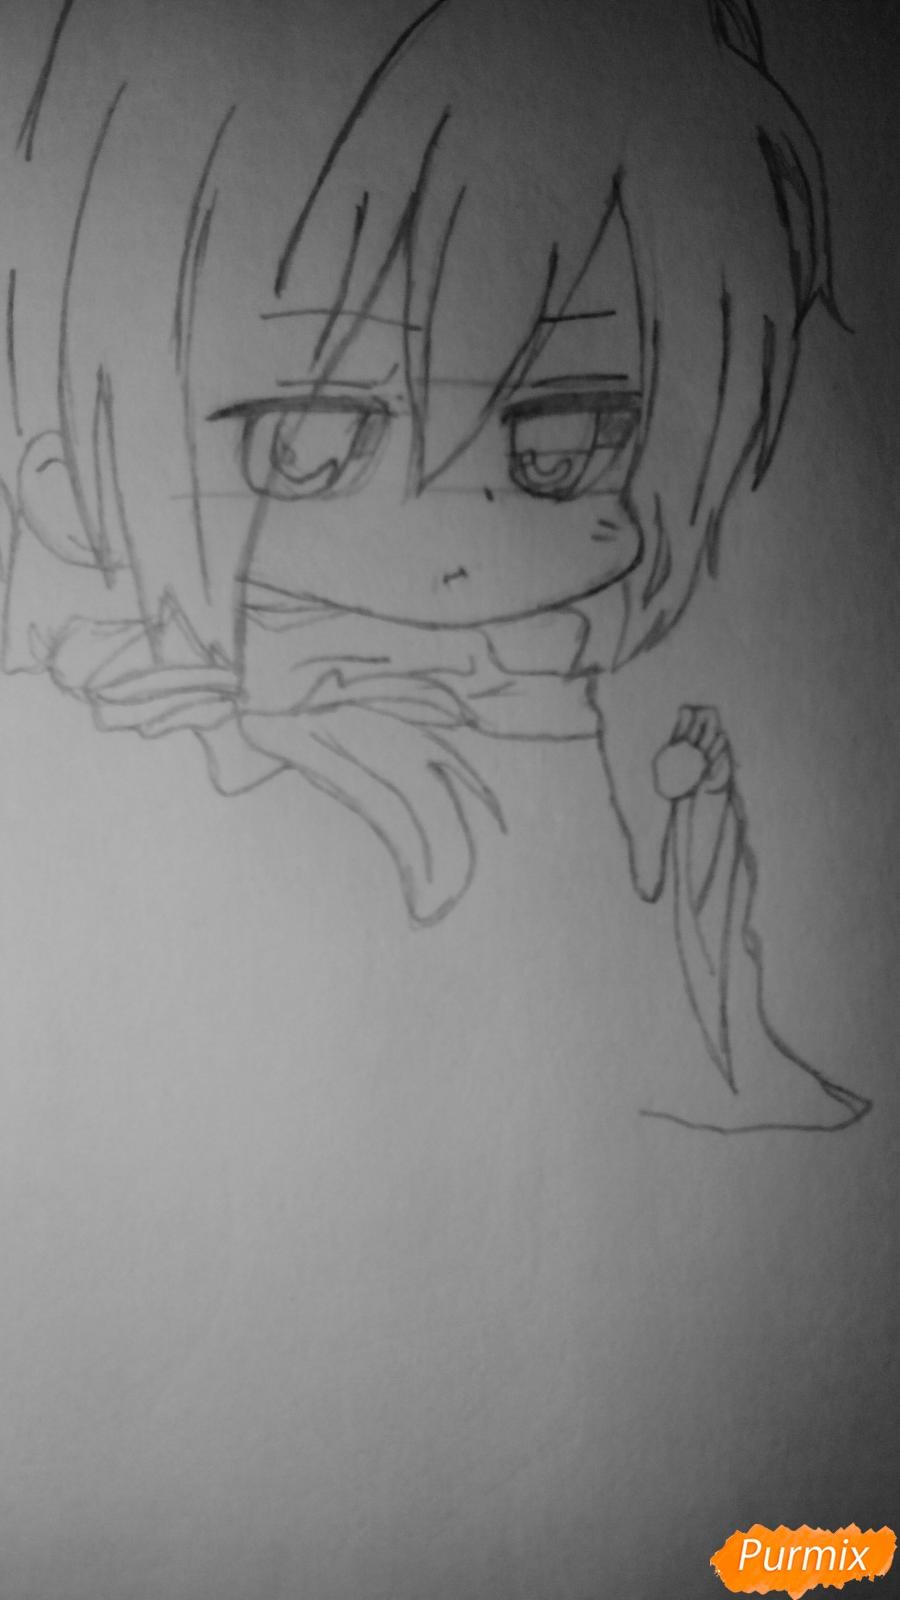 Рисуем чиби Сайто Хаджиме из аниме Сказание о демонах сакуры - шаг 4